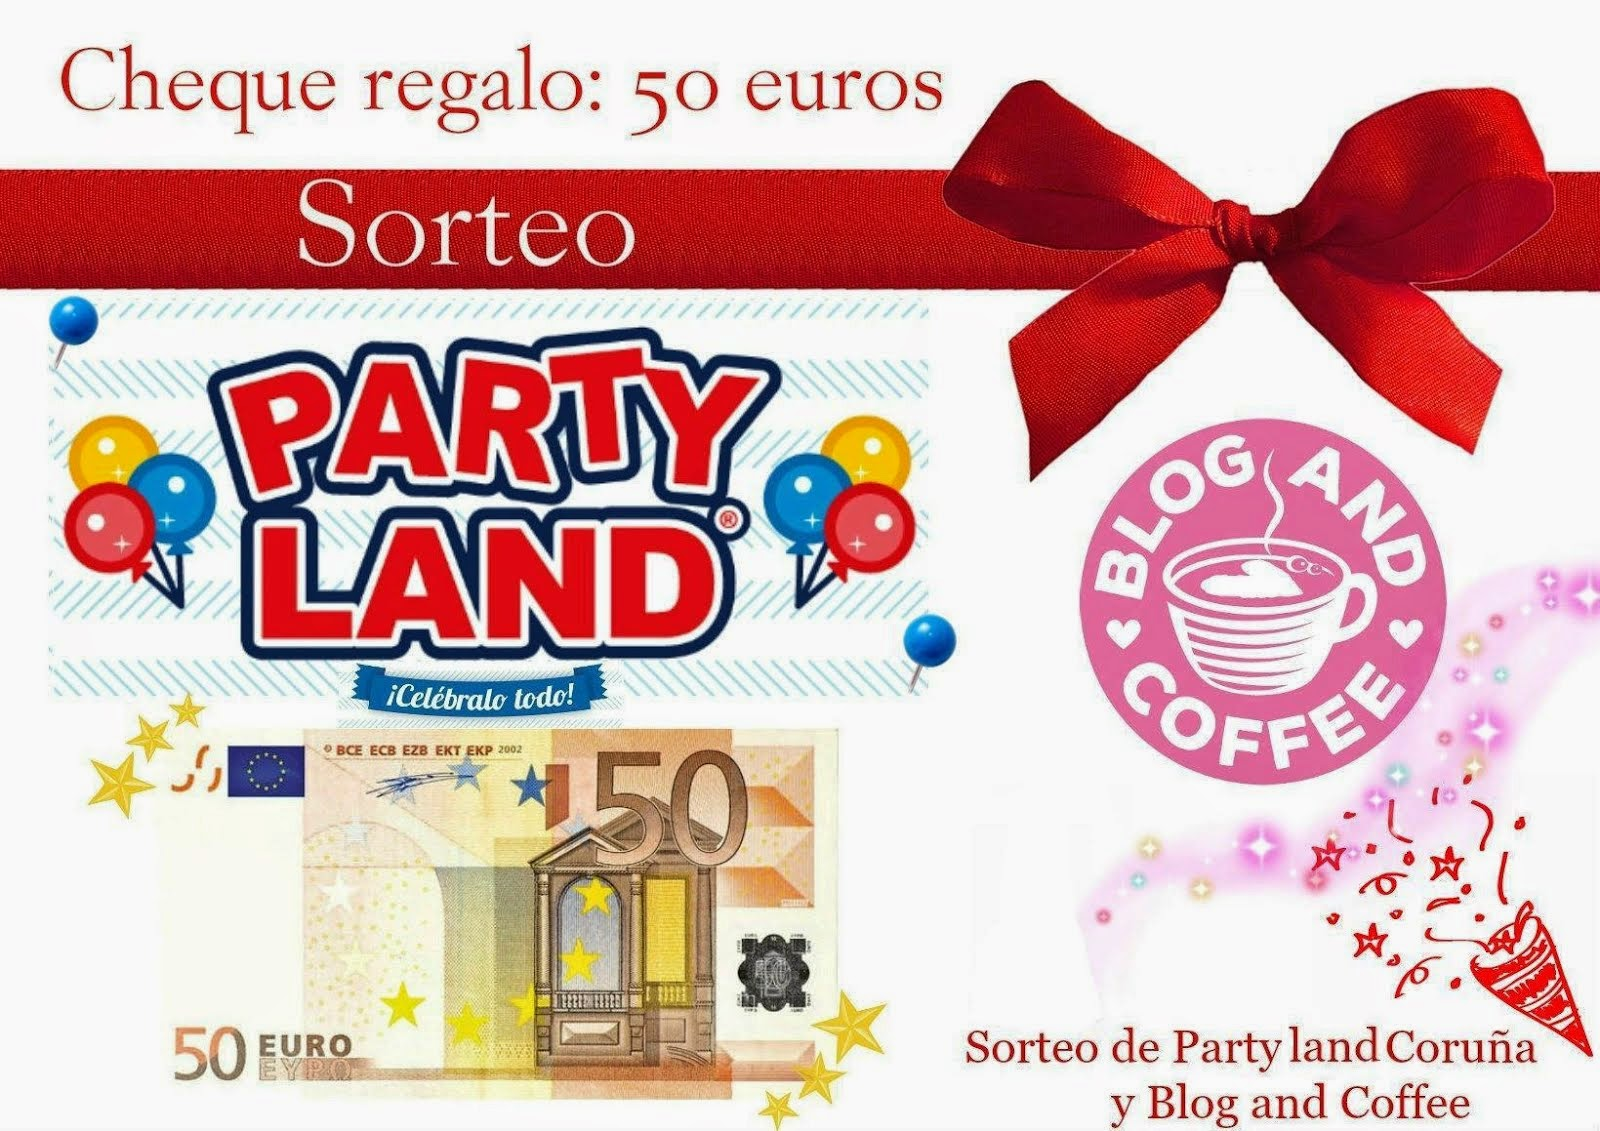 Sorteo★Cheque regalo de 50 euros de Party Land Coruña★